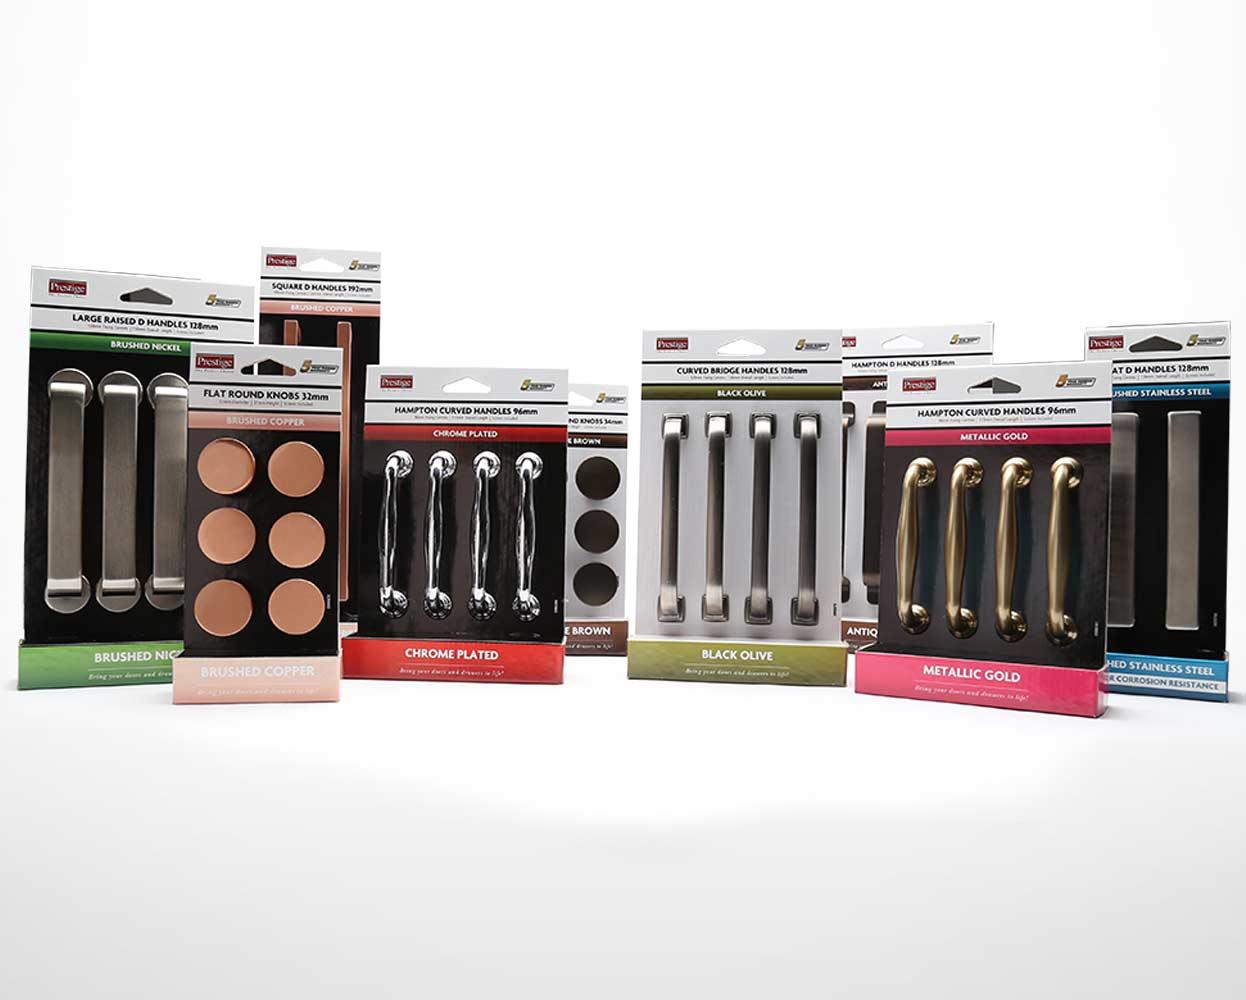 Prestige packaging knobs and handIes